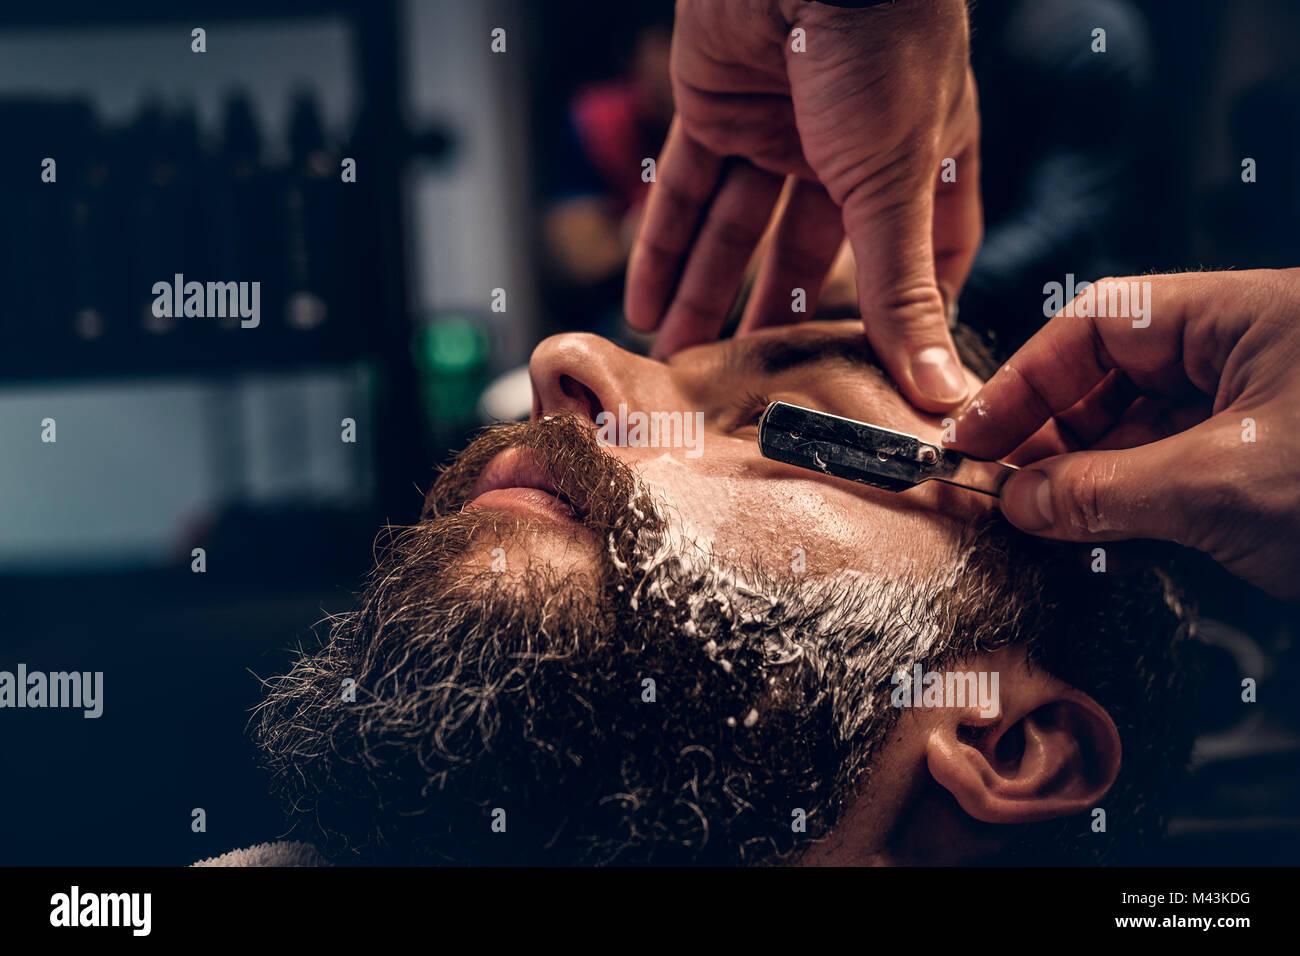 Barbiere di rasatura maschio barbuto con un rasoio affilato. Immagini Stock